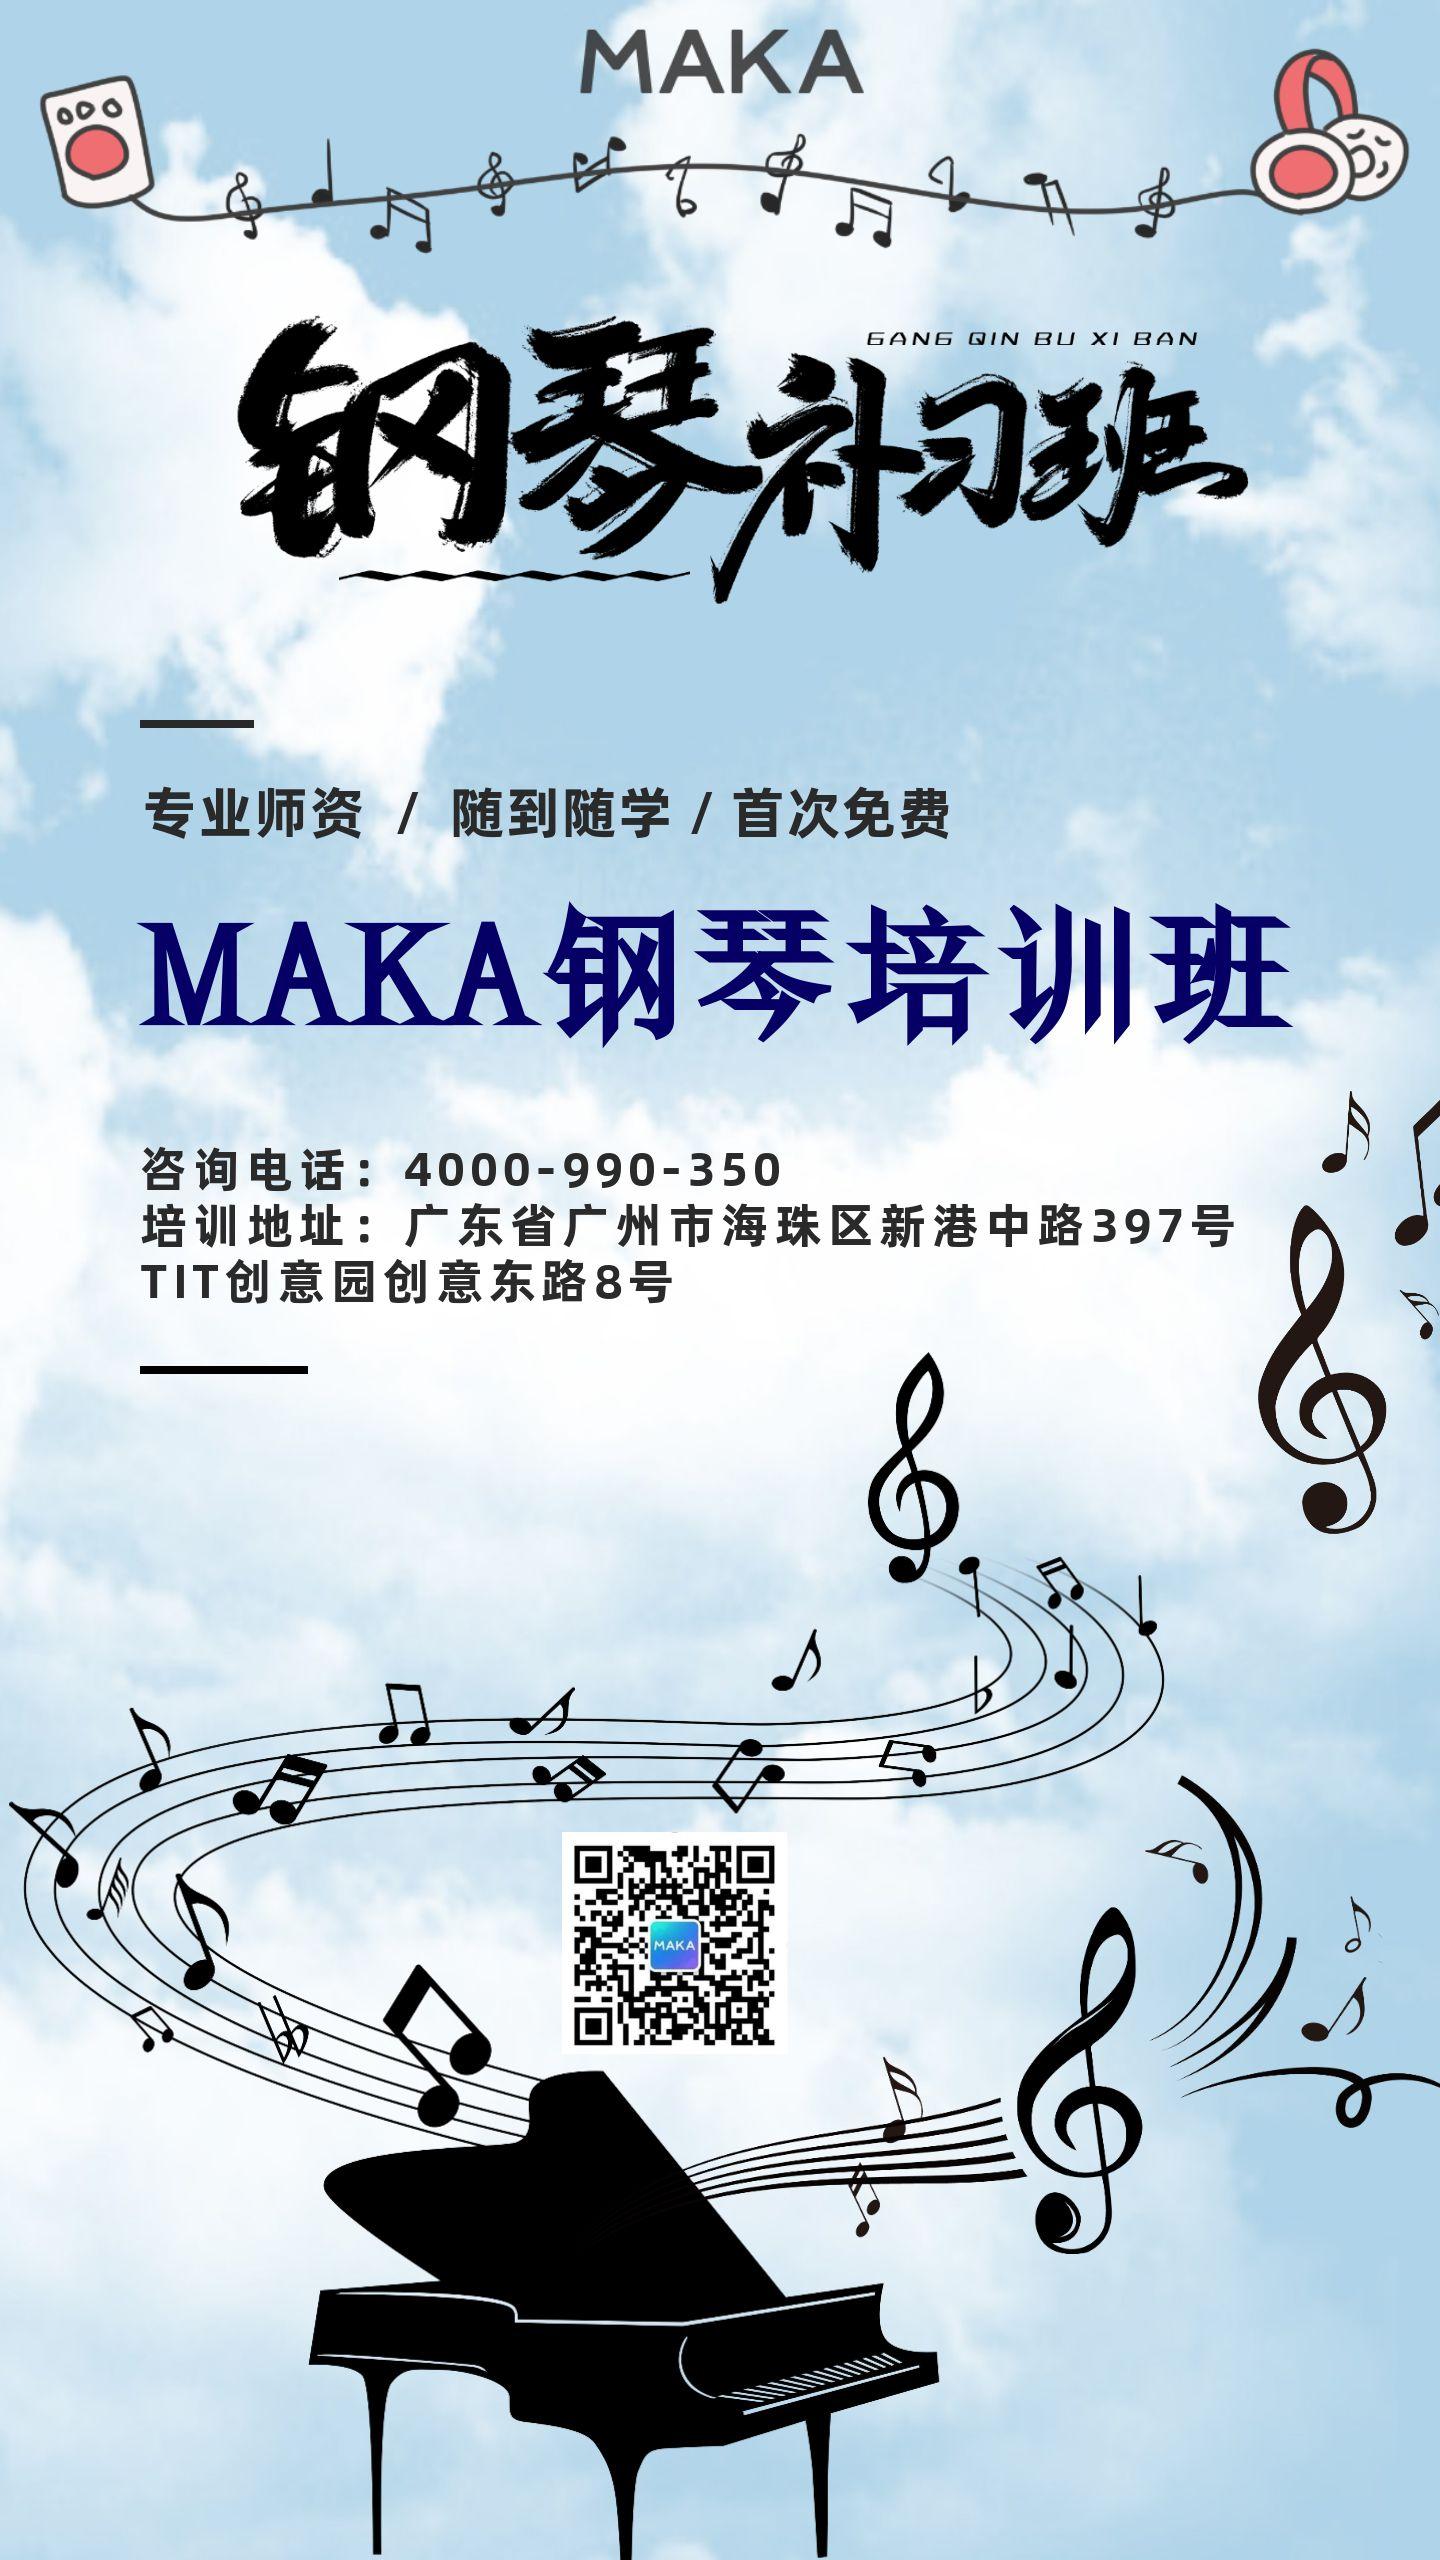 清新文艺版钢琴招生培训学习艺术兴趣班幼儿少儿成人暑假寒假开学季招生海报